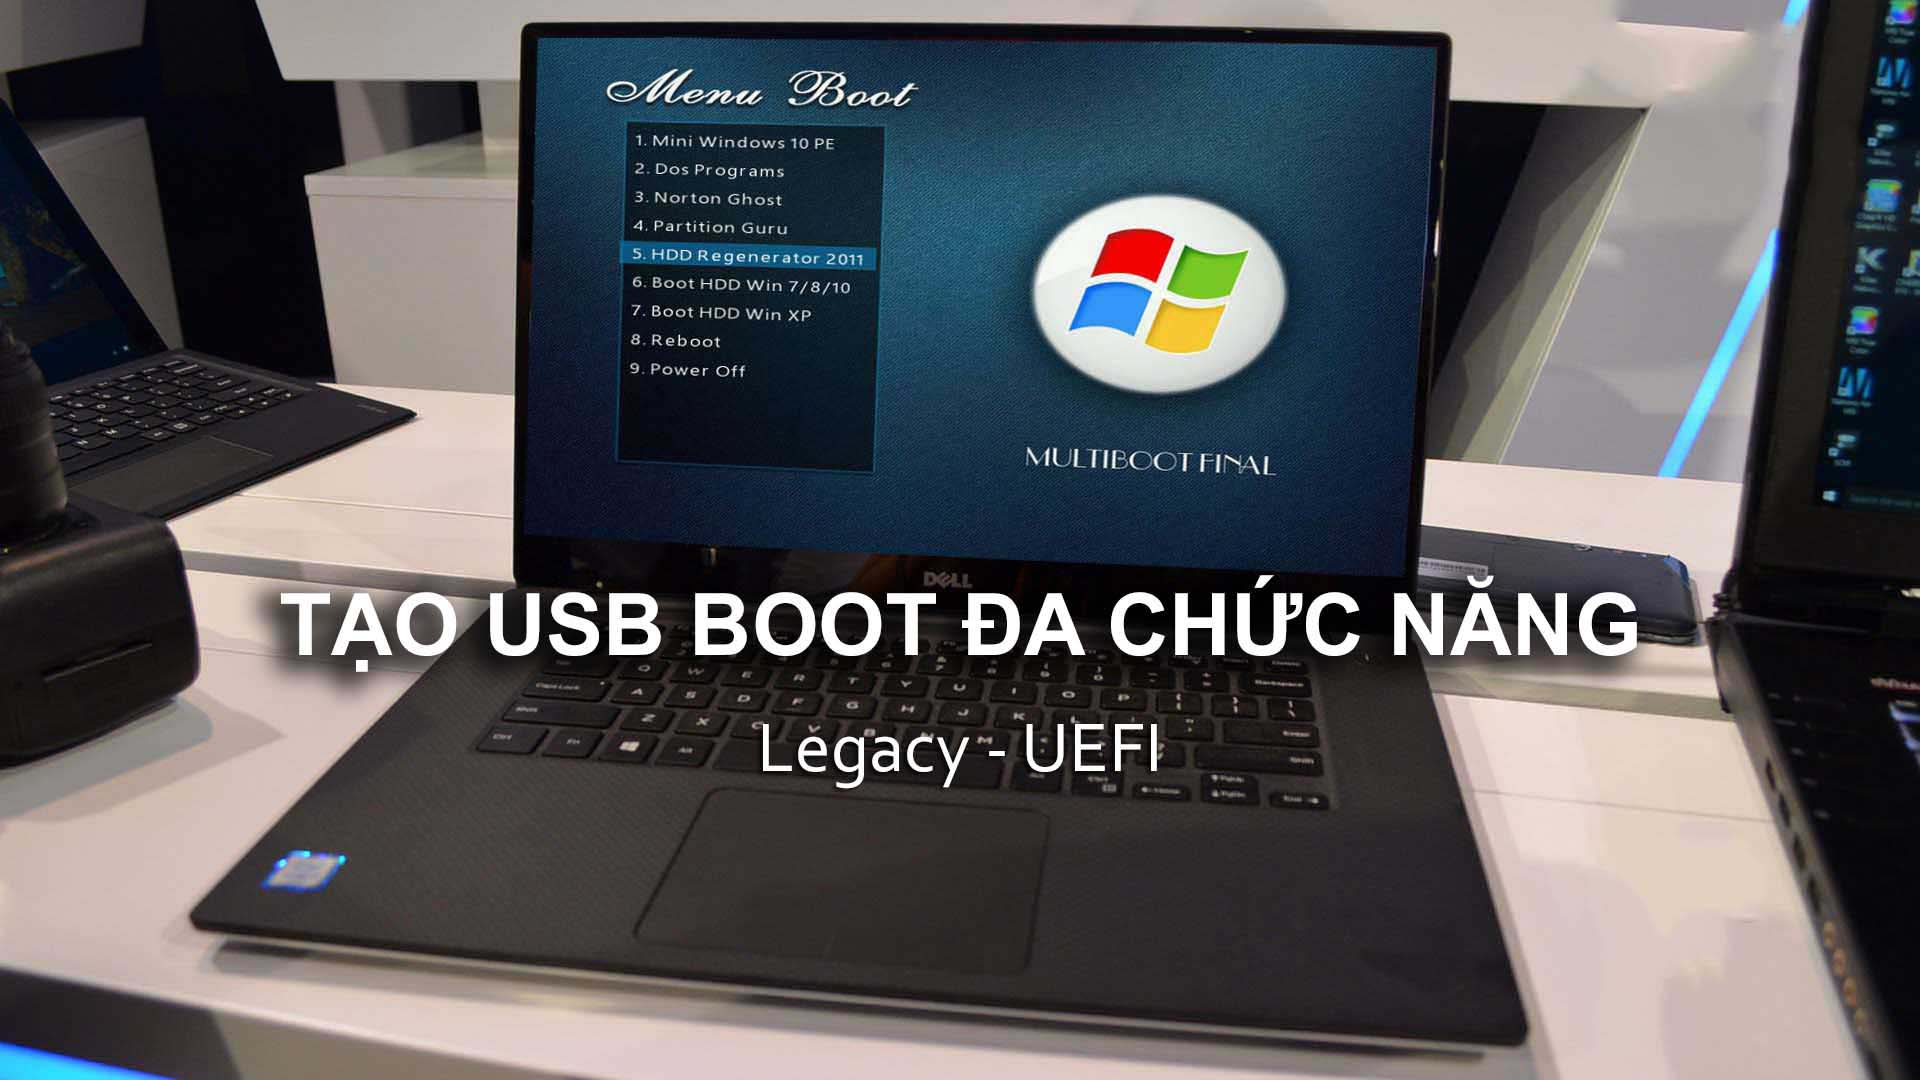 Hướng dẫn tạo USB boot cứu hộ với nhiều công cụ và chức năng hữu ích